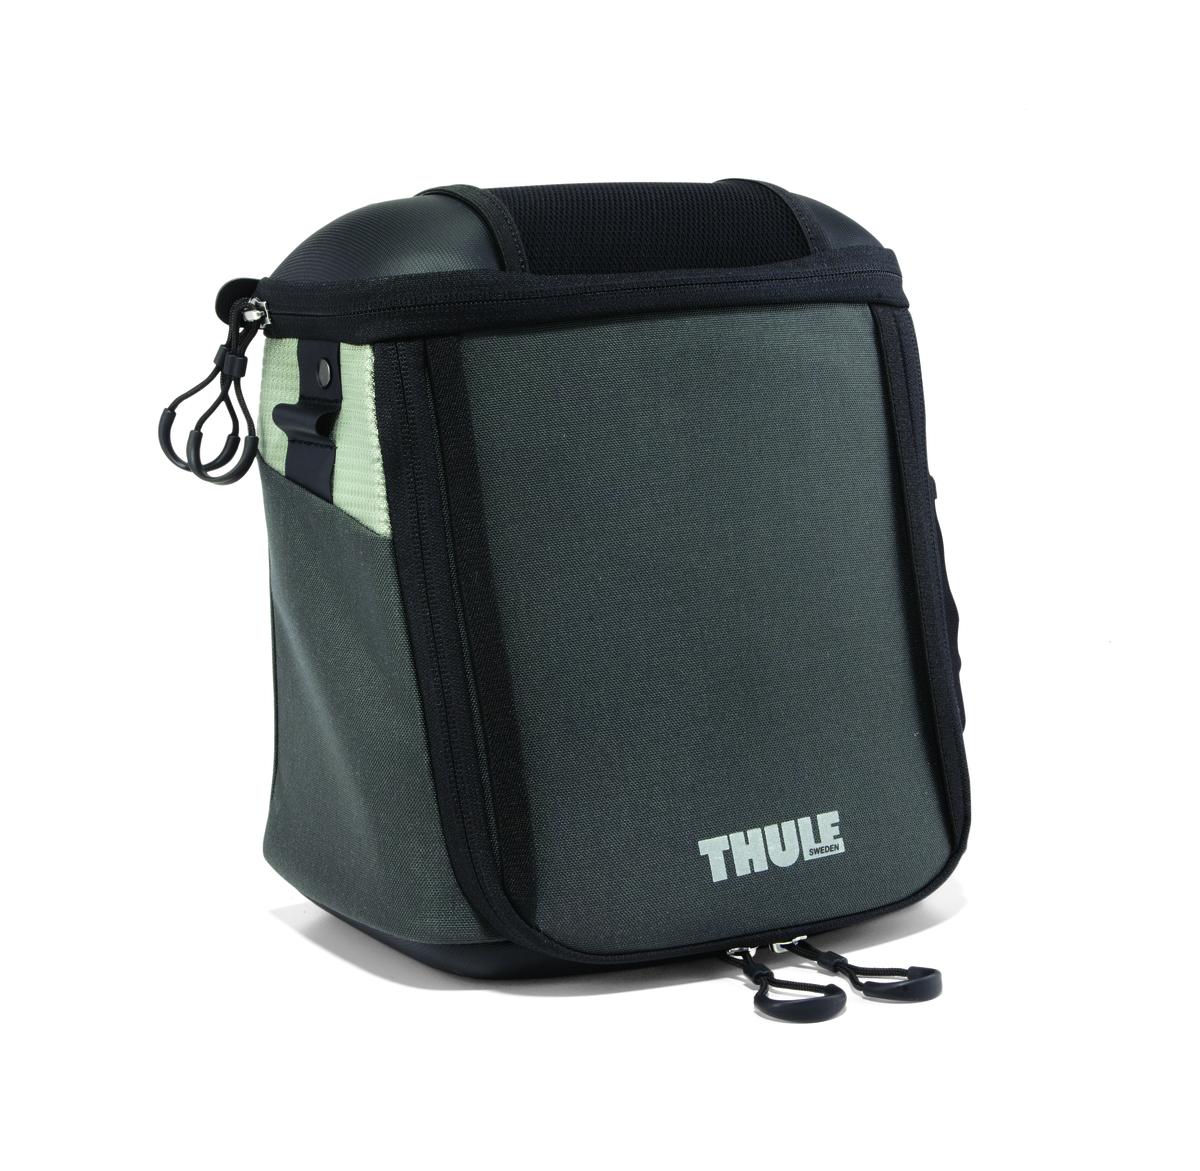 Велосумка на руль Thule Pack n Pedal Handlebar Bag, для камеры, цвет: темно-серый, 6,5 лCRL-3BLУникальный аэродинамический дизайн идеально подходит для размещения камеры или продуктов питания, которые вы захотите иметь под рукой во время езды на велосипеде.Два отверстия для легкого доступа к содержимому как при езде, так и при использовании отдельно от велосипеда.Легкая установка и снятие с размещаемой на руле системы Thule Pack 'n Pedal Handlebar Attachment.Водонепроницаемый и дышащий материал.Накидка от дождя в комплекте.Участки из светоотражающей ткани улучшают заметность велосипеда в ночное время.Ремень для ношения через плечо в комплекте.